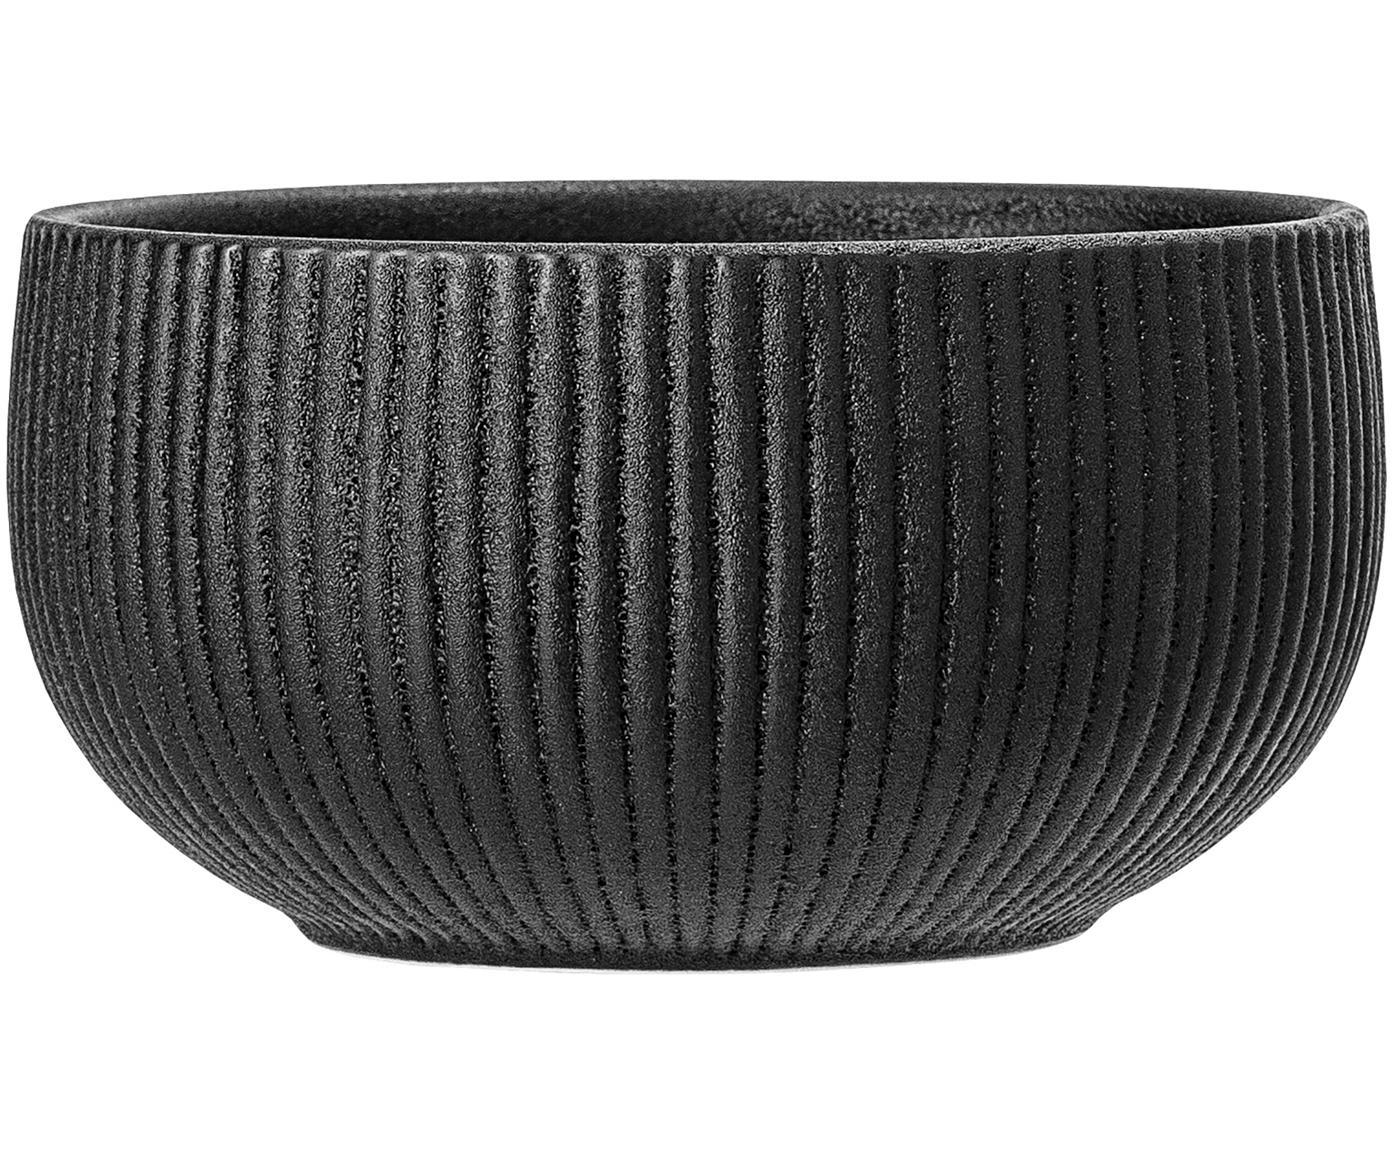 Cuencos con relieves Neri, 2uds., Gres Con estructura de surcos y superficie ligeramente rugosa, Negro, Ø 15 x Al 8 cm